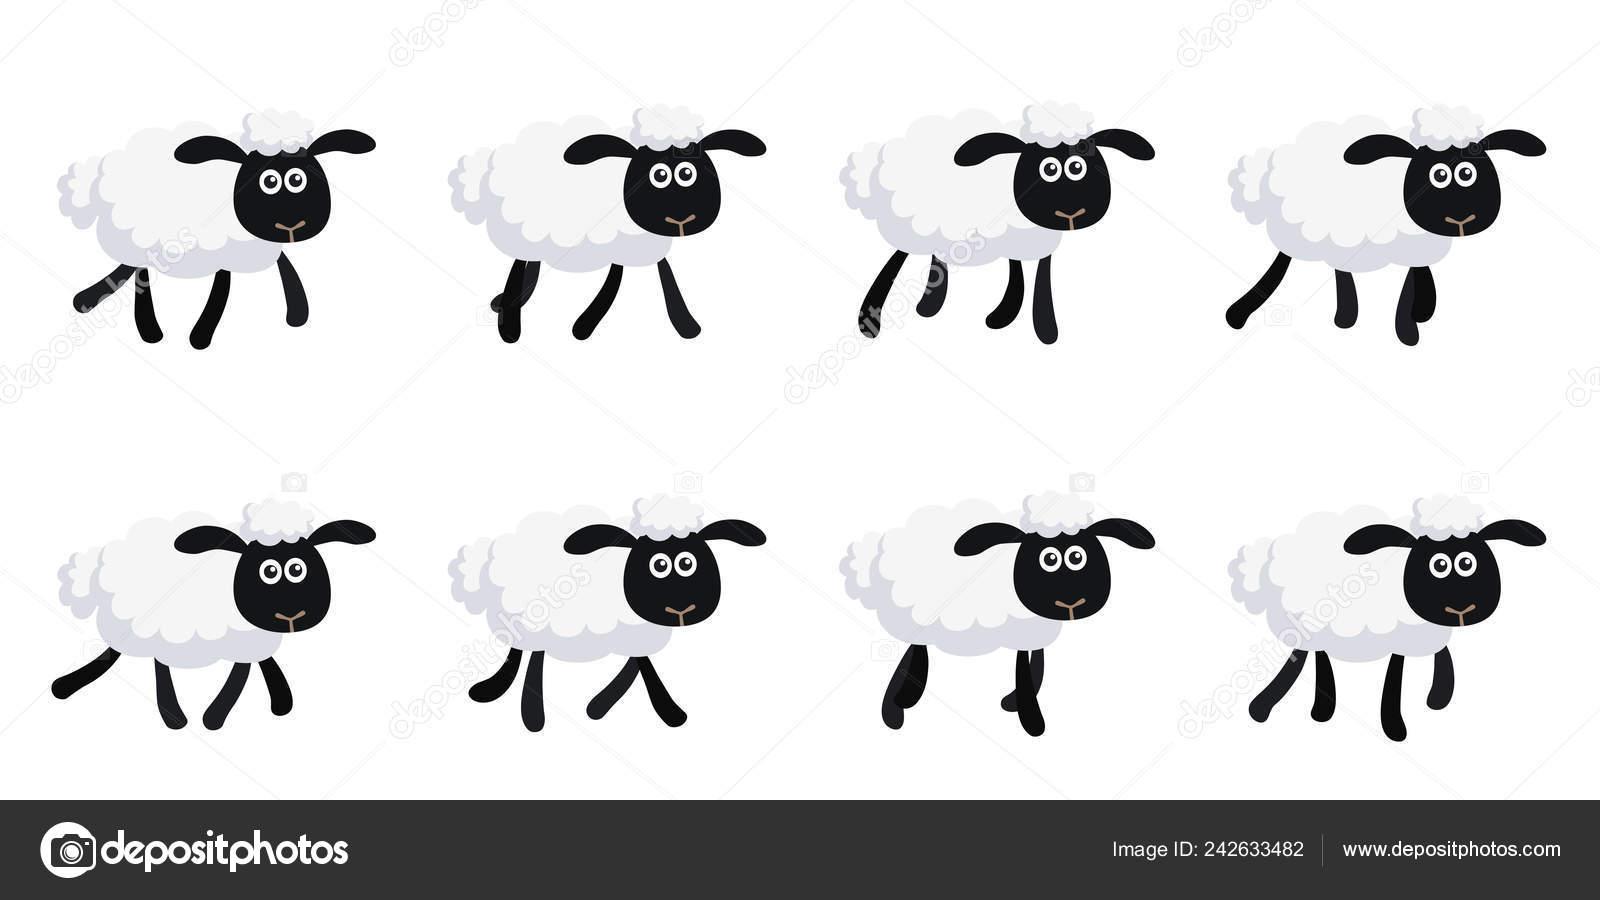 Vector Illustration Cartoon Trotting Sheep Sprite Sheet